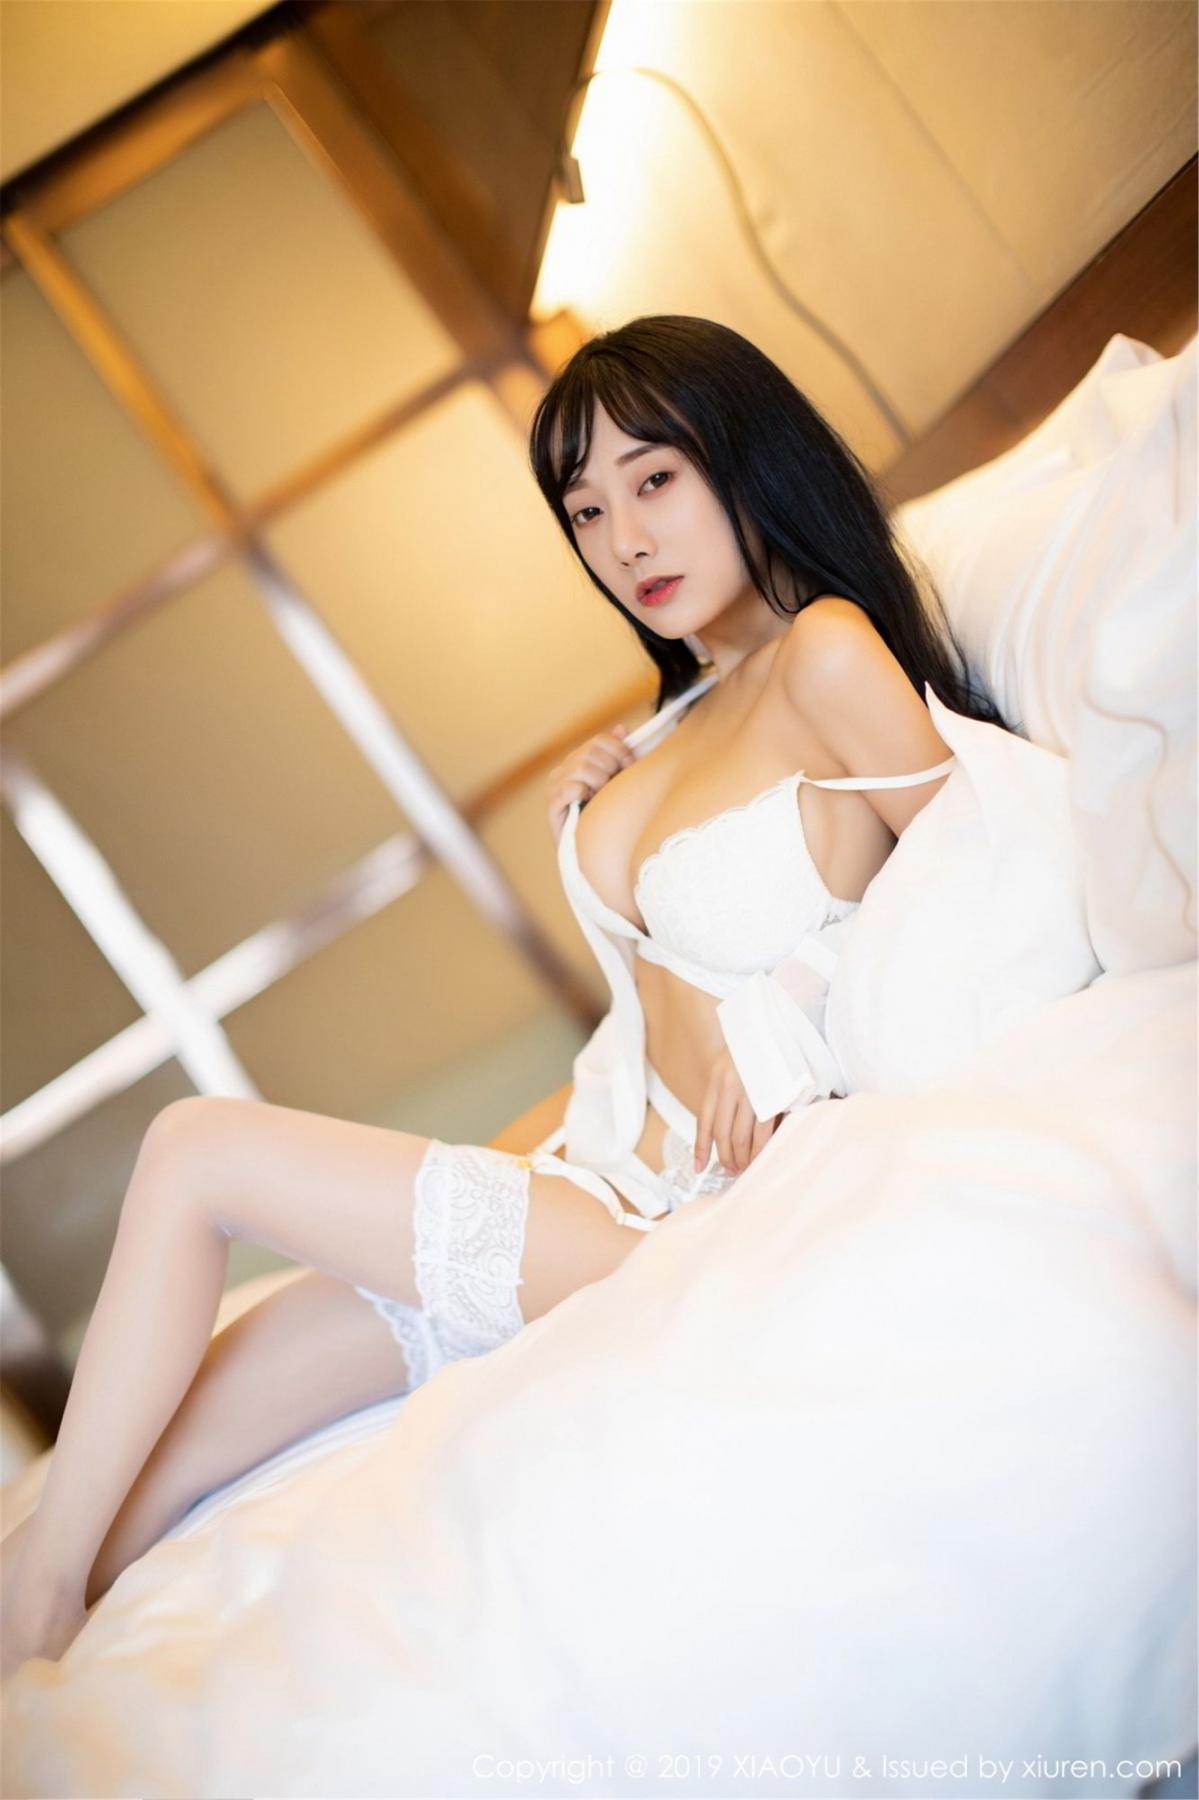 [XiaoYu] Vol.076 He Jia Ying 24P, He Jia Ying, Underwear, XiaoYu